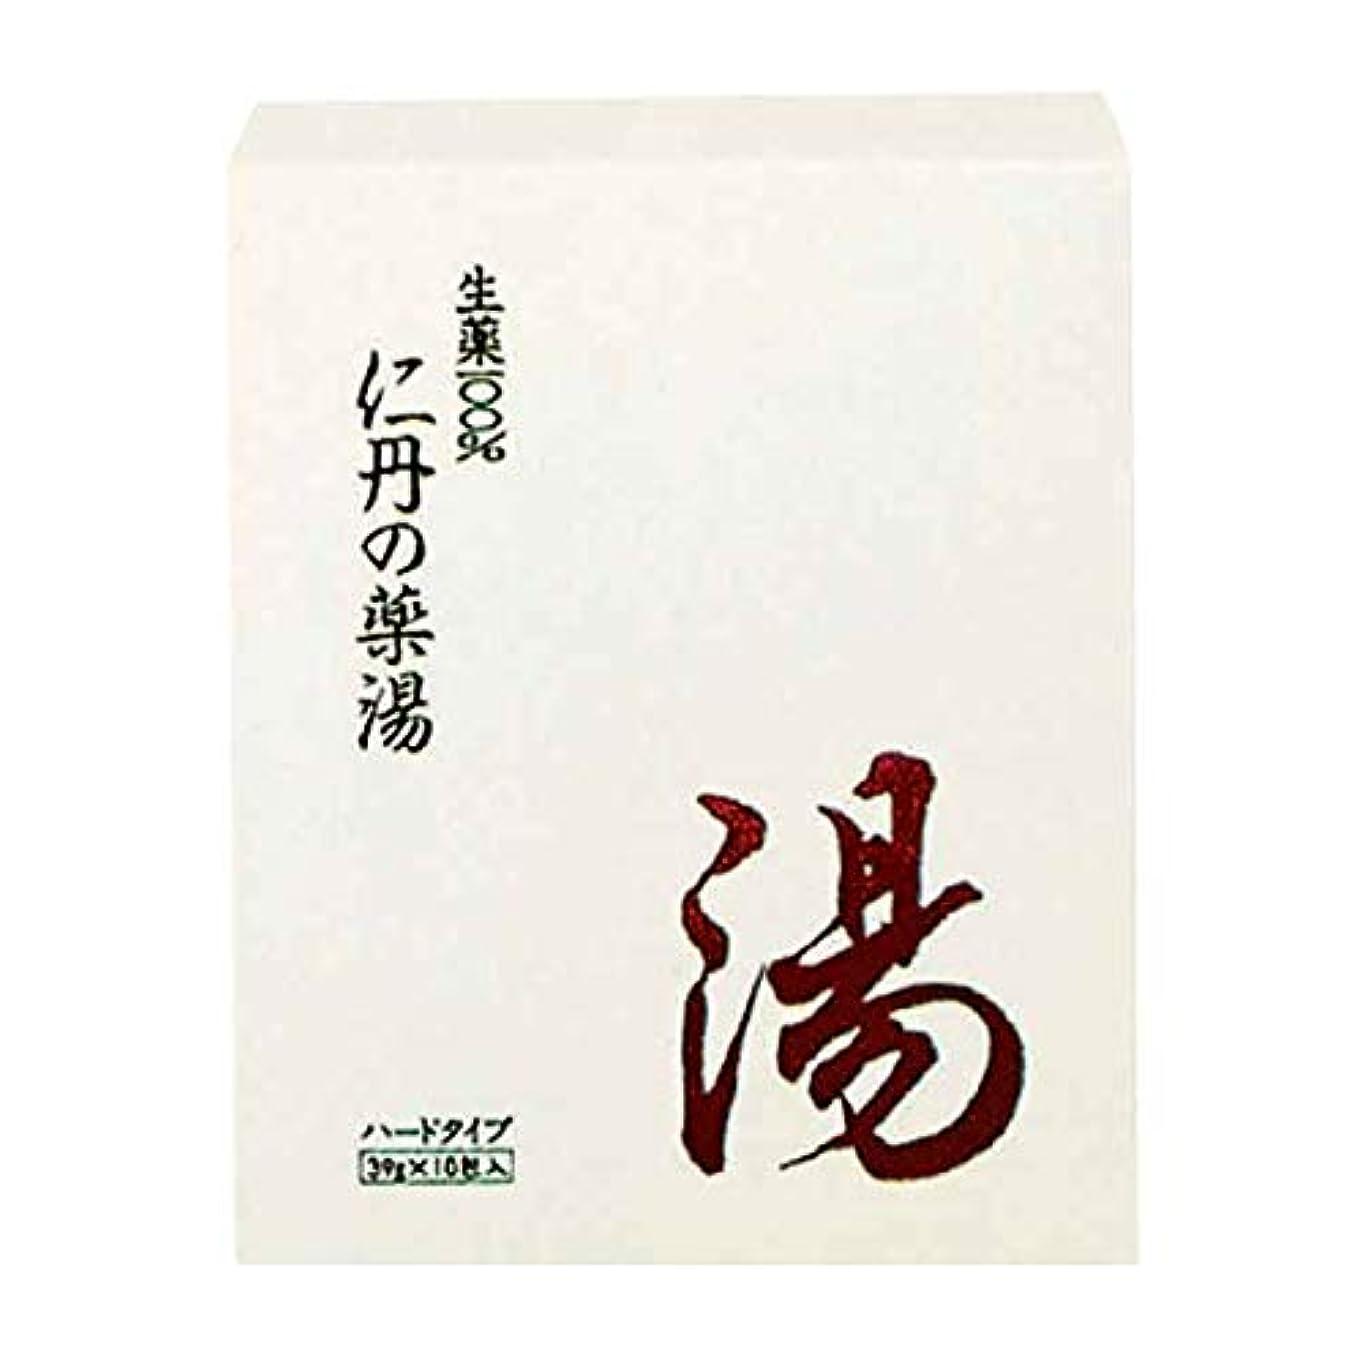 定常軽減する情報森下仁丹 仁丹の薬湯(ハード) 10包 [医薬部外品]